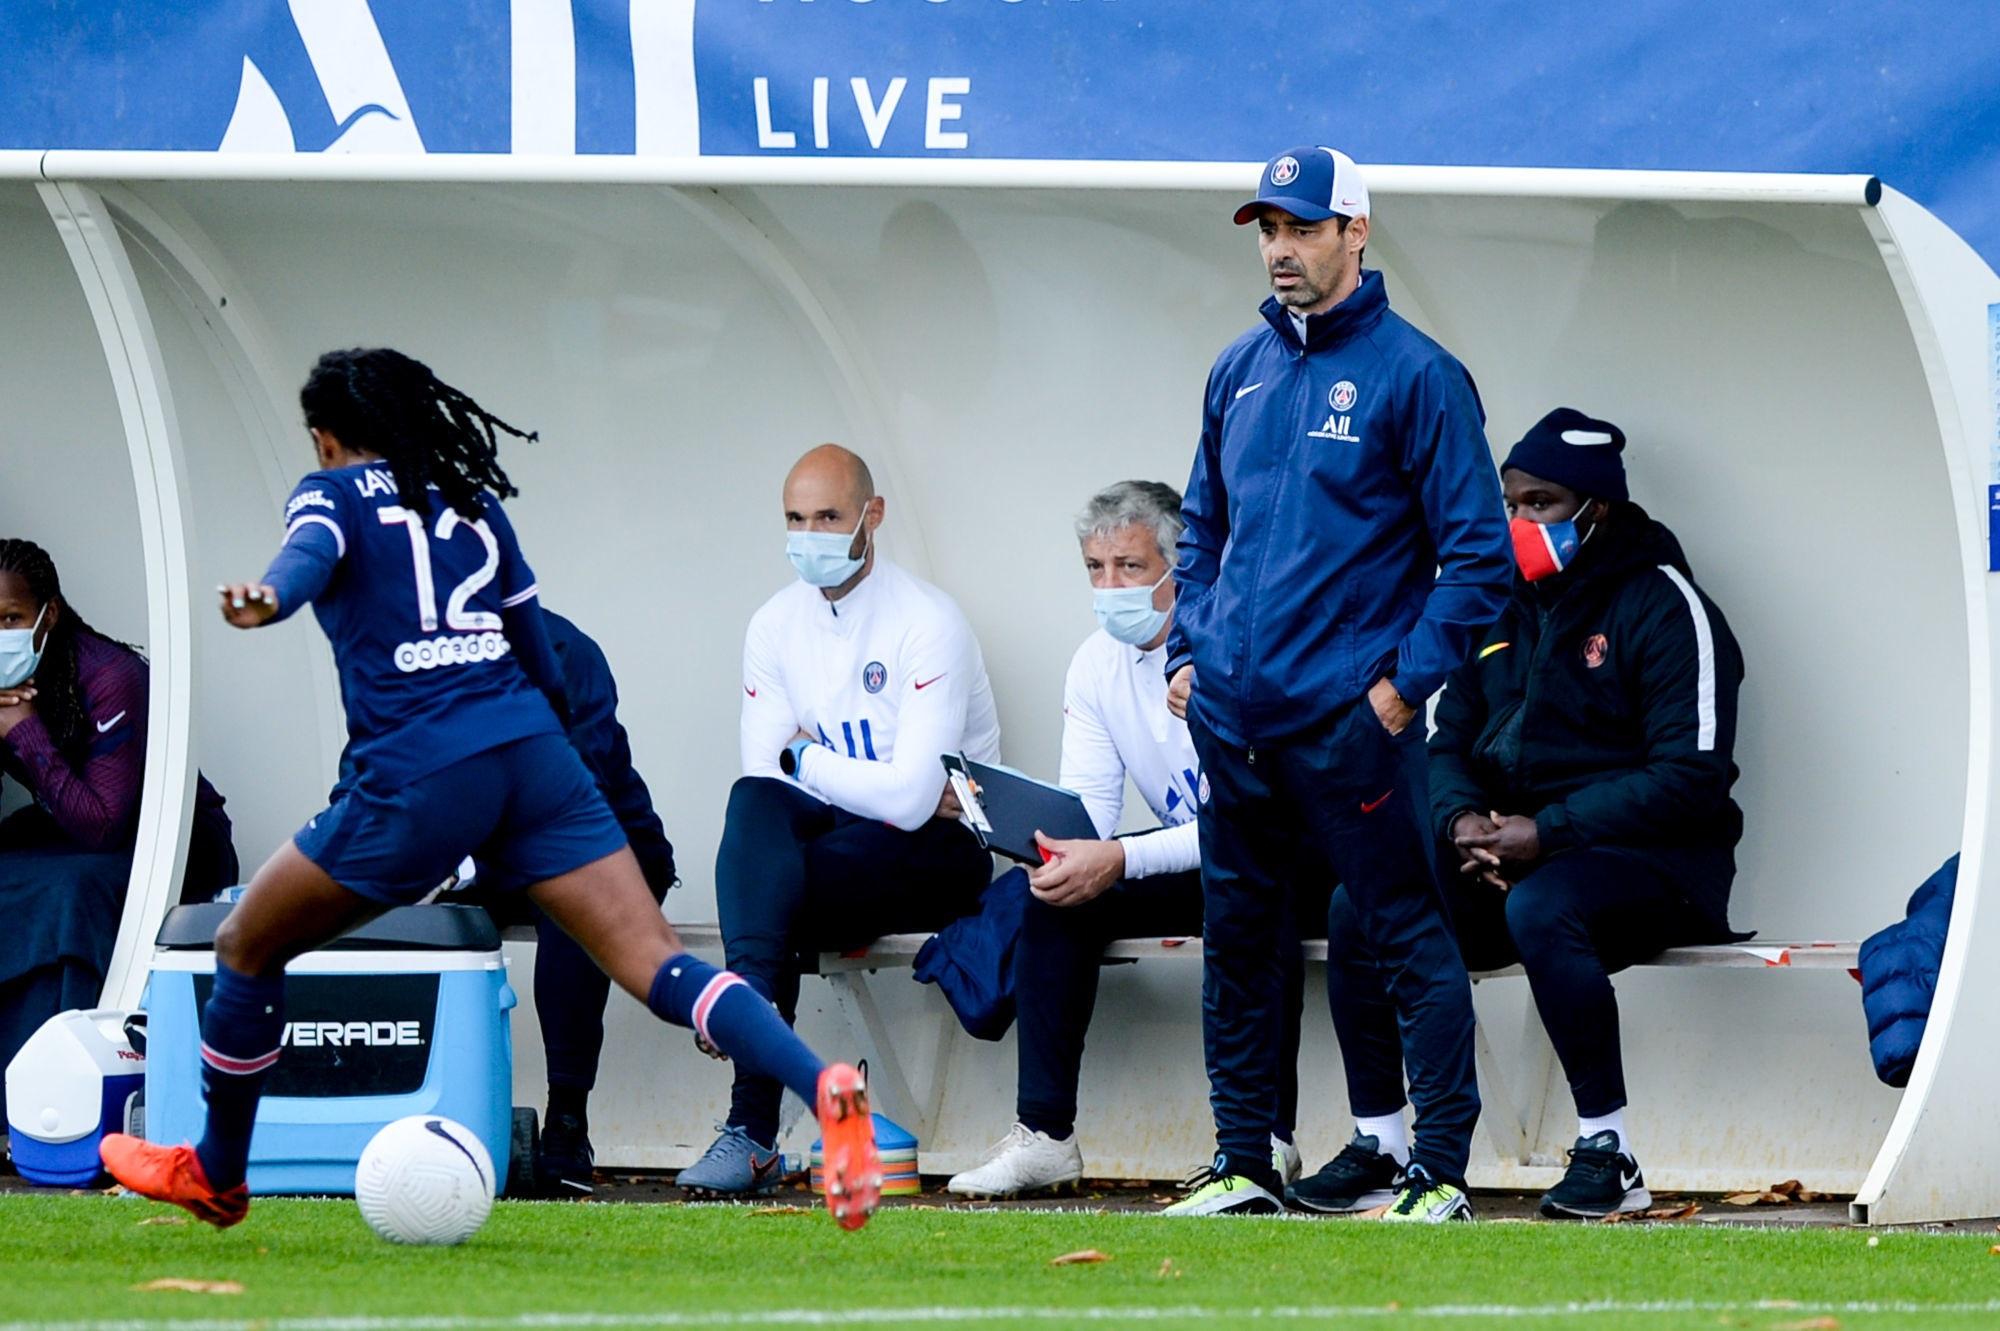 PSG/Guingamp - Echouafni évoque le groupe parisien et les qualités de l'adversaire